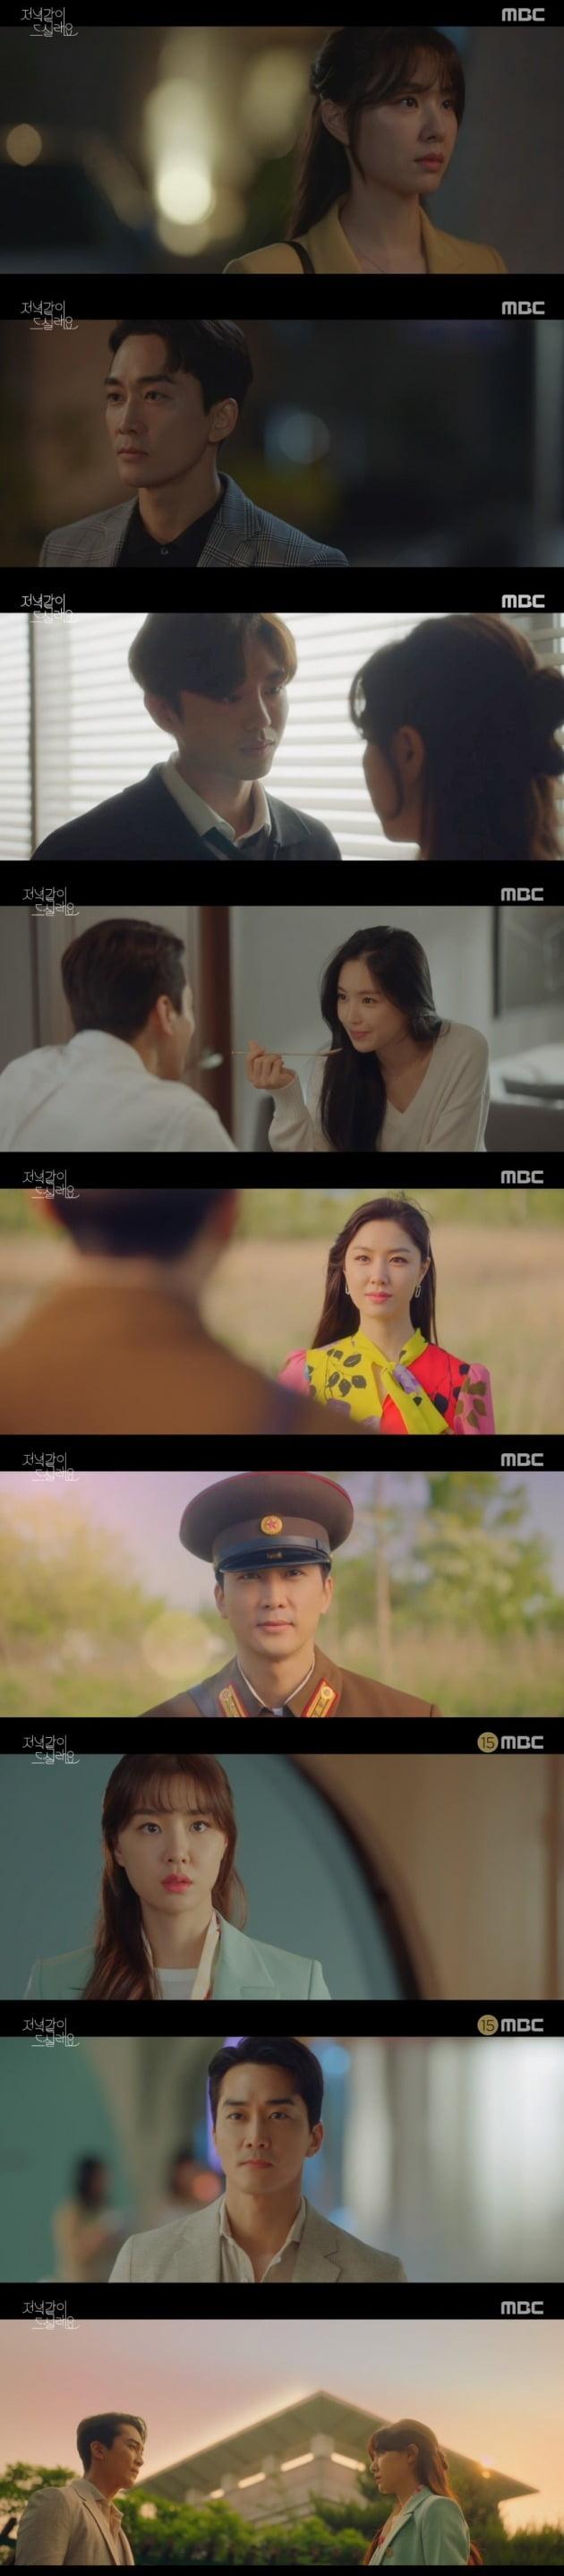 '저녁 같이 드실래요' 송승헌이 서지혜에게 고백했다. / 사진제공=빅토리콘텐츠, MBC 방송 캡처